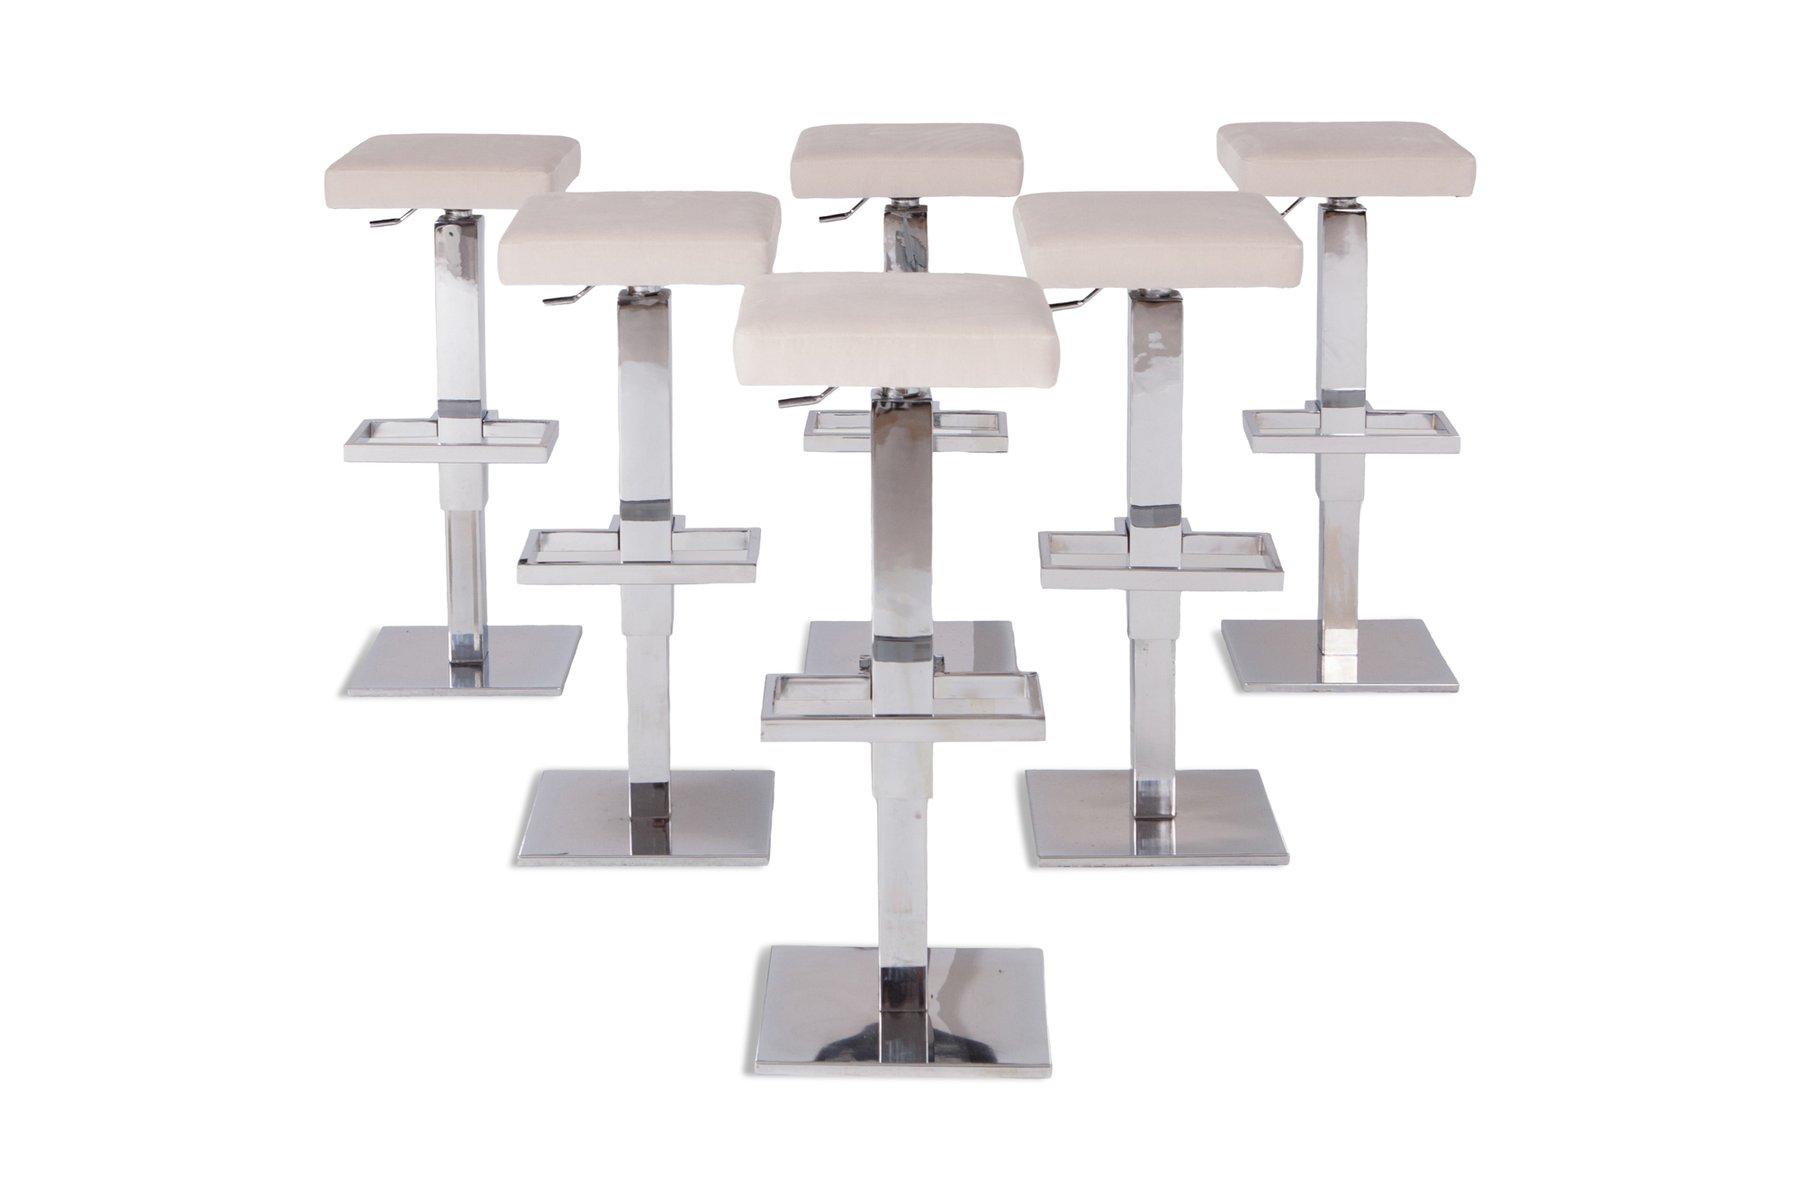 Sgabelli Da Bar Regolabili : Sgabelli da bar regolabili in acciaio cromato e velluto bianco di